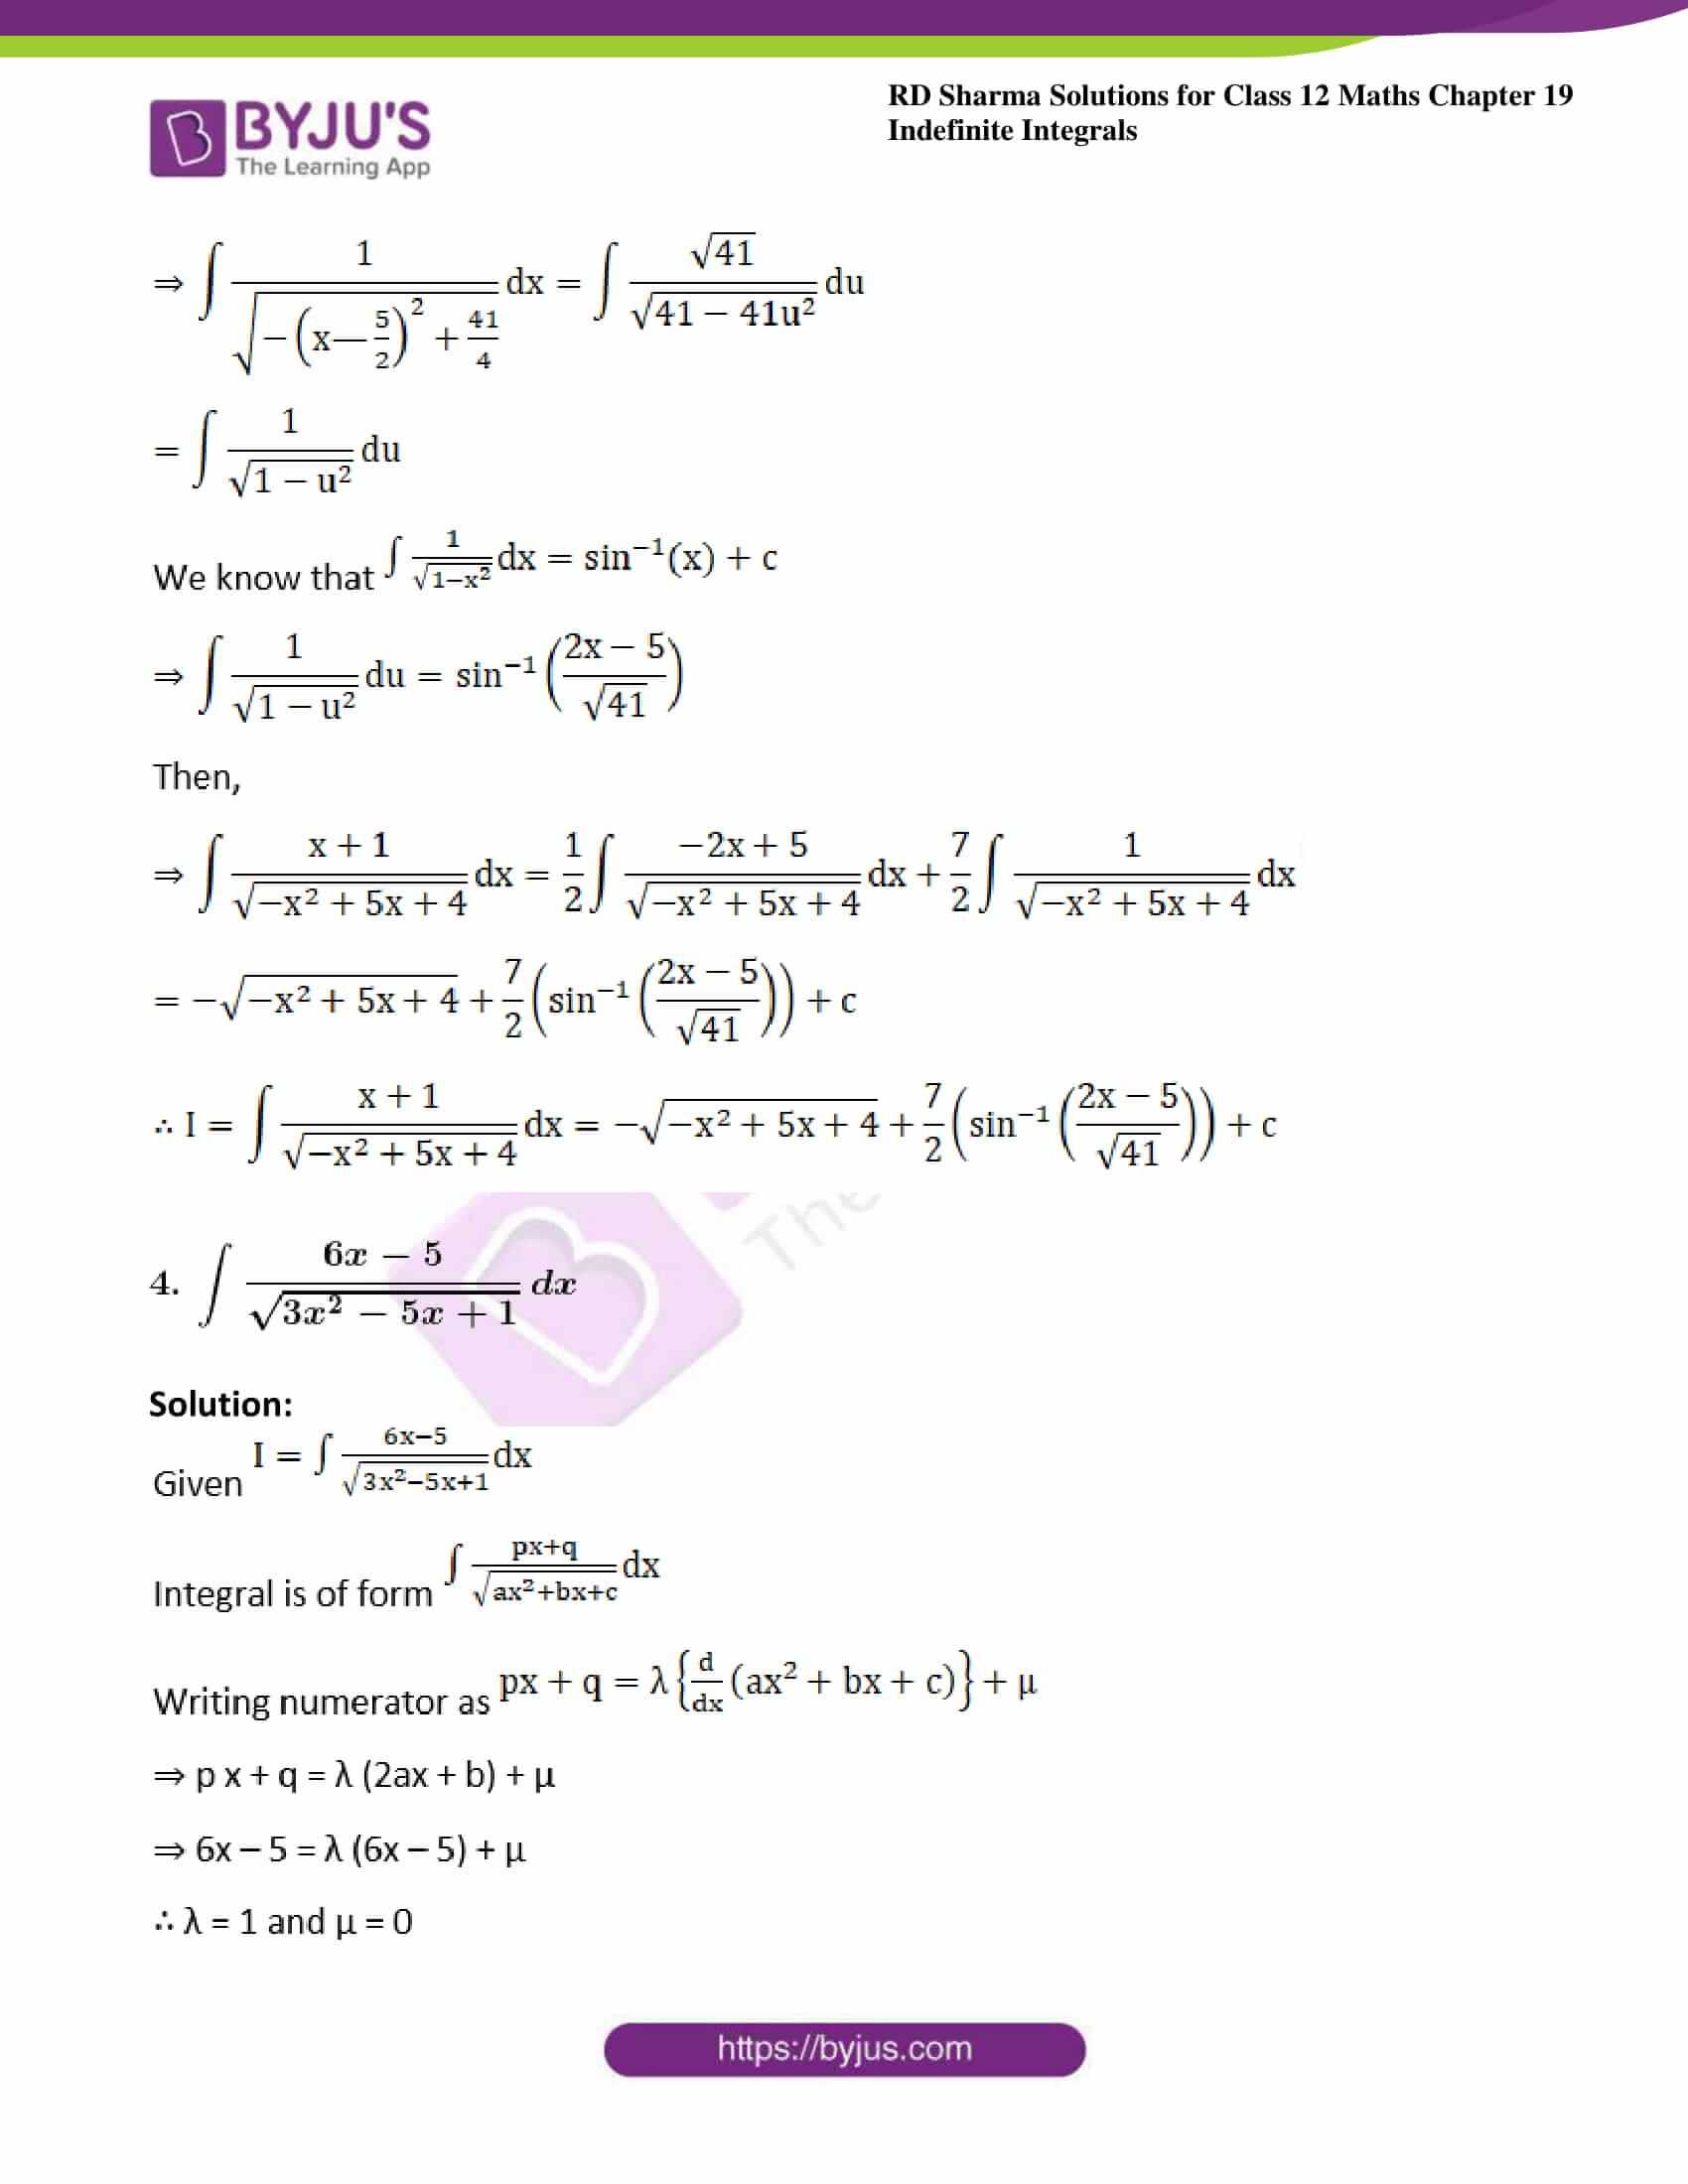 rd sharma class 12 maths sol chap 19 ex 21 6